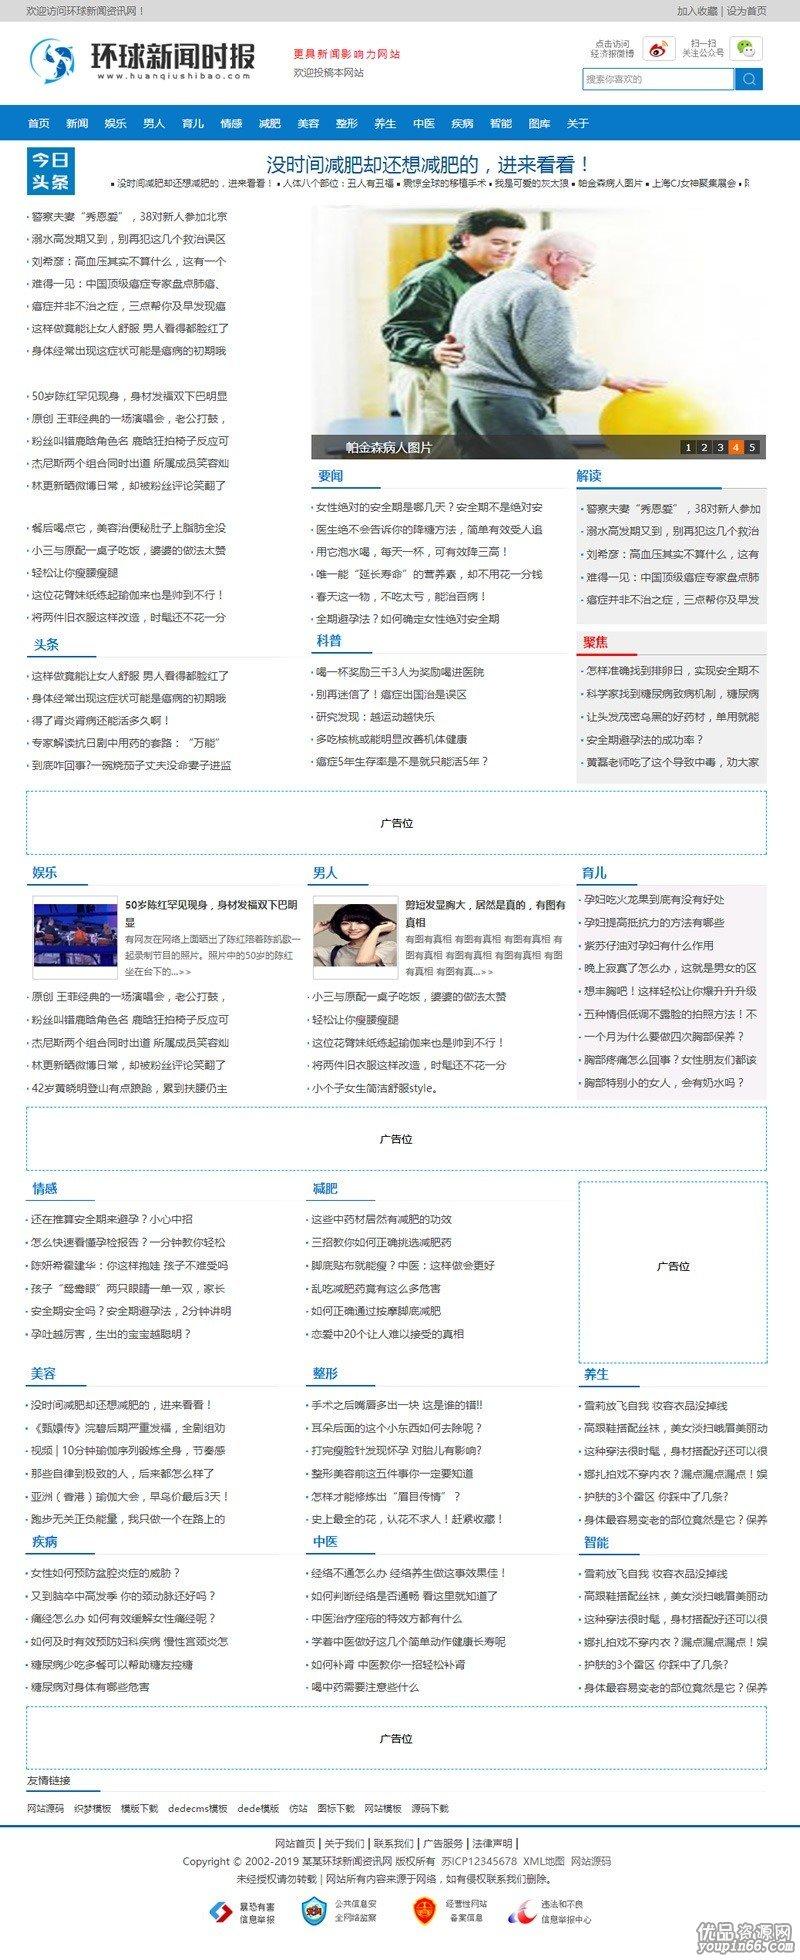 新闻时报资讯门户网站织梦dedecms模板源码g